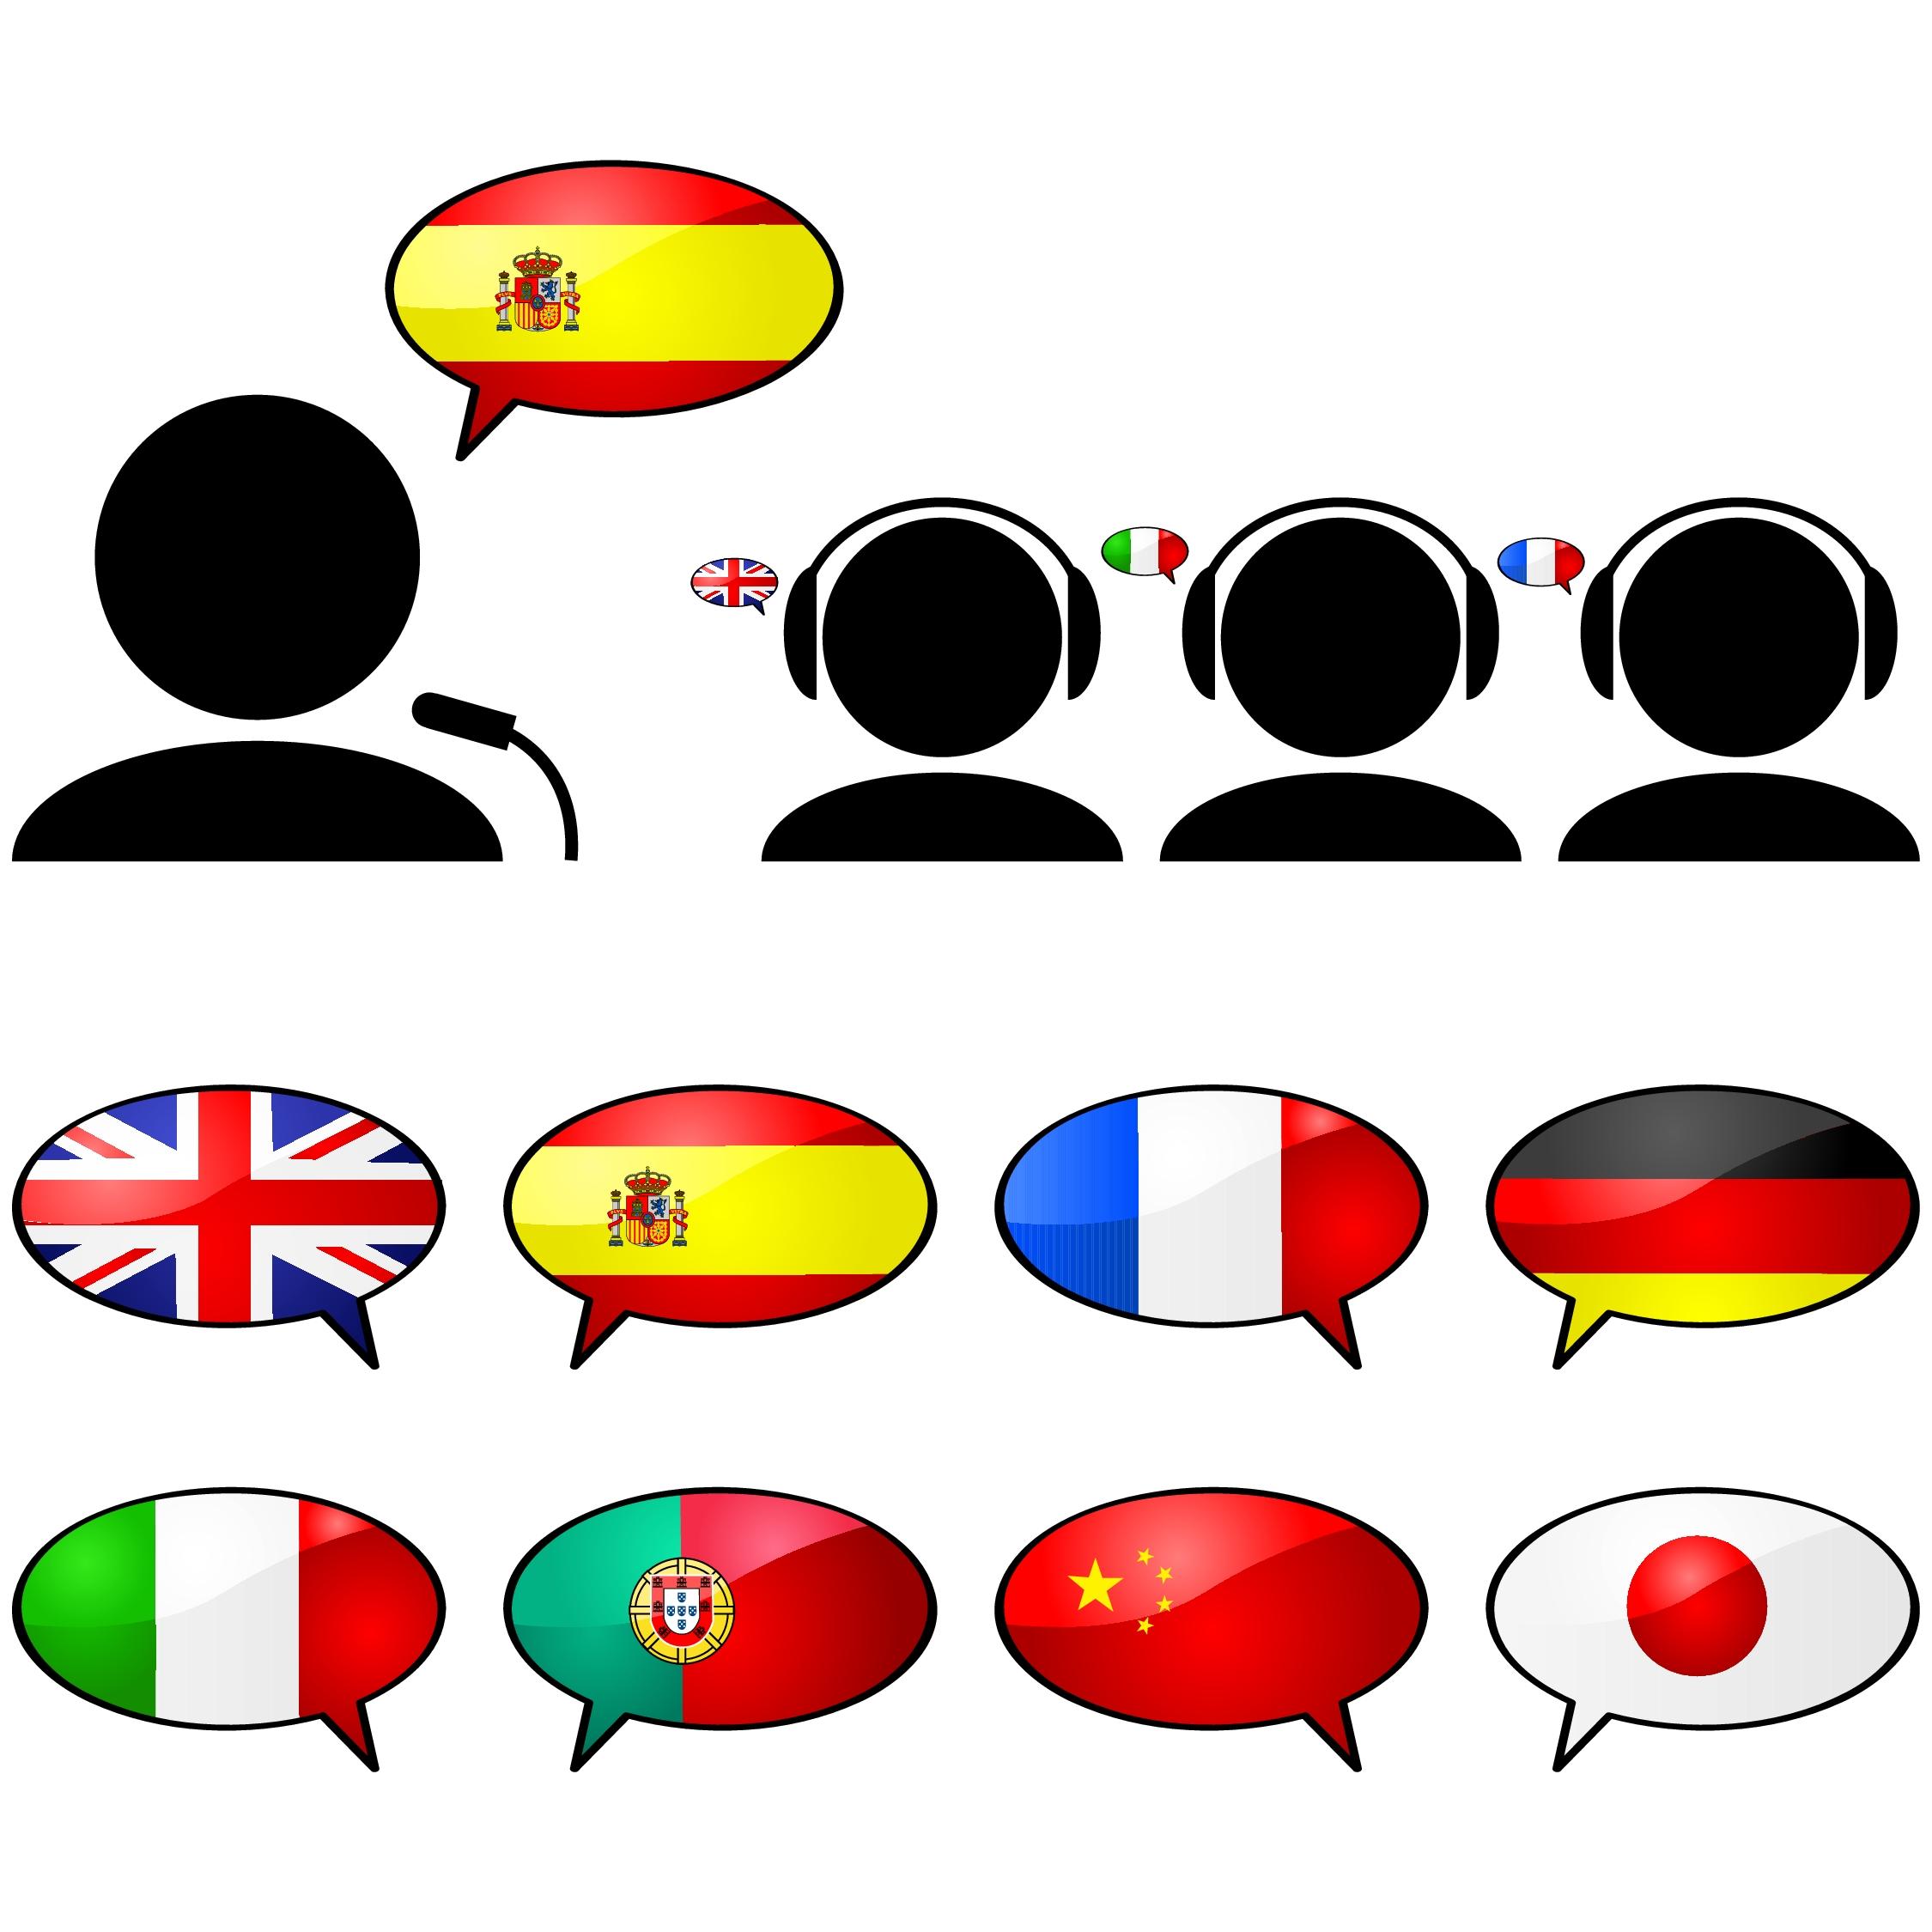 Slimme vertaalmachines: einde vertaalbranche of een kans?